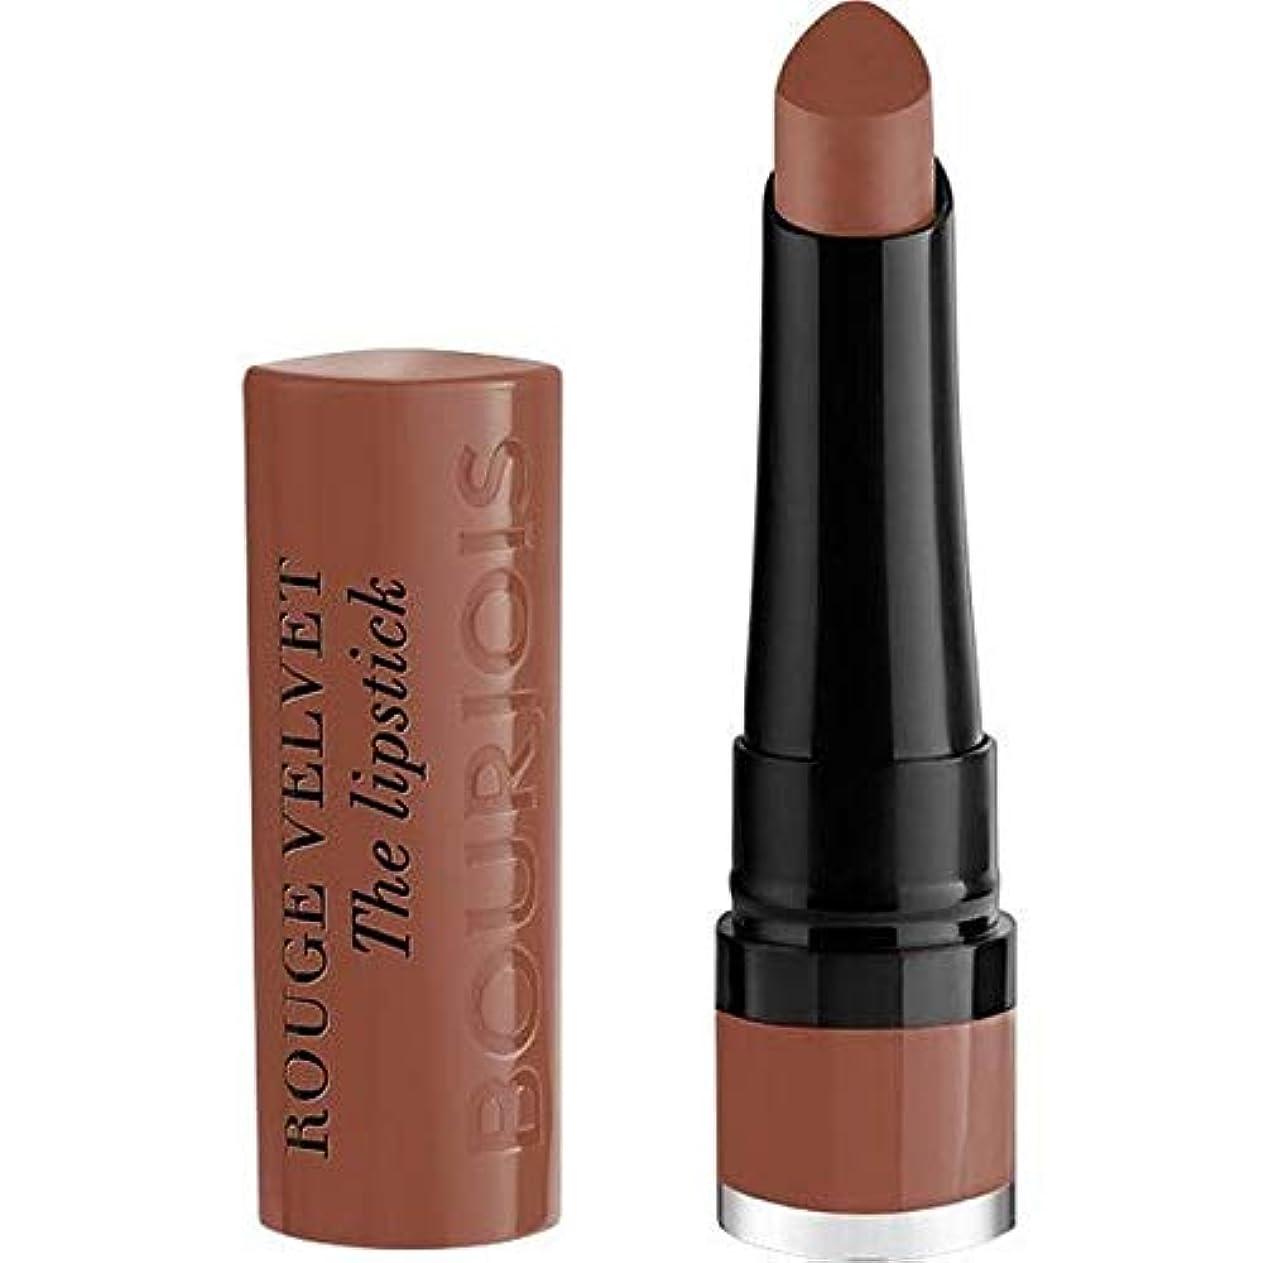 きちんとしたラテン上[Bourjois ] ブルジョワルージュのベルベットの口紅モカDero - Bourjois Rouge Velvet Lipstick Moka Dero [並行輸入品]